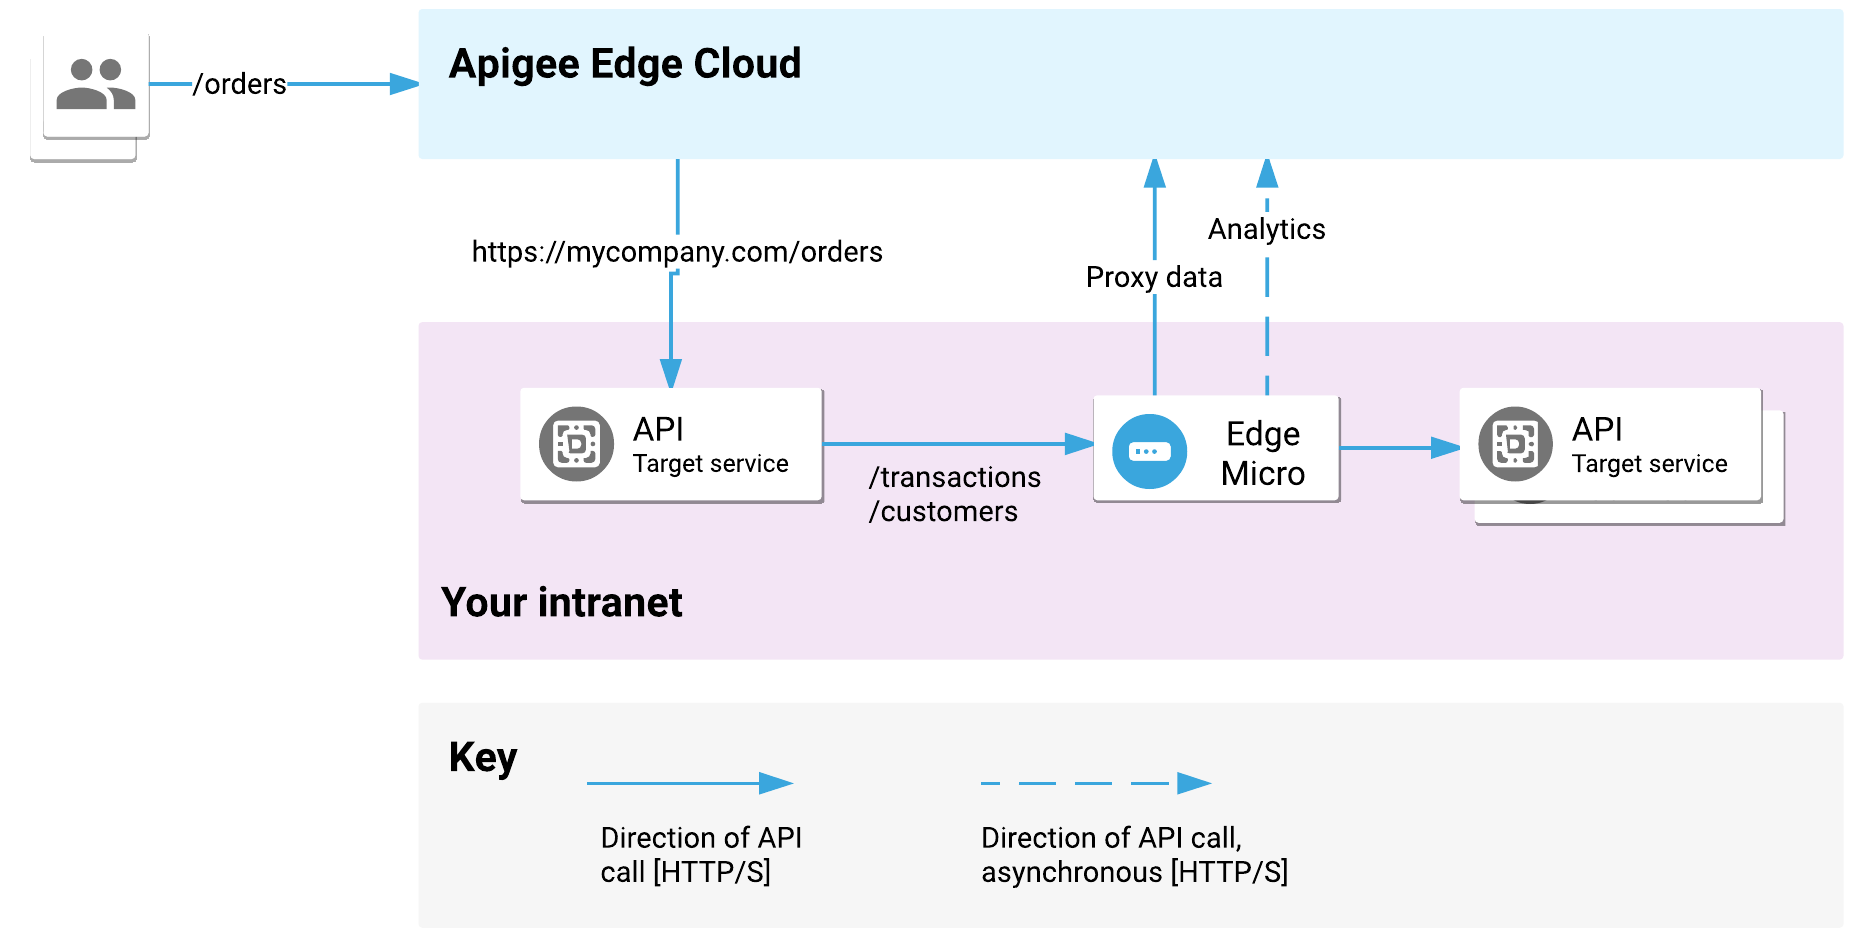 Edge Cloud に対する API プロキシはイントラネット上のターゲット サービスに送信され、ターゲット サービスはイントラネット上の Edge Microgateway にリクエストを送信します。次に、Edge Microgateway からイントラネット上の他のターゲット API サービスにリクエストが送信されます。